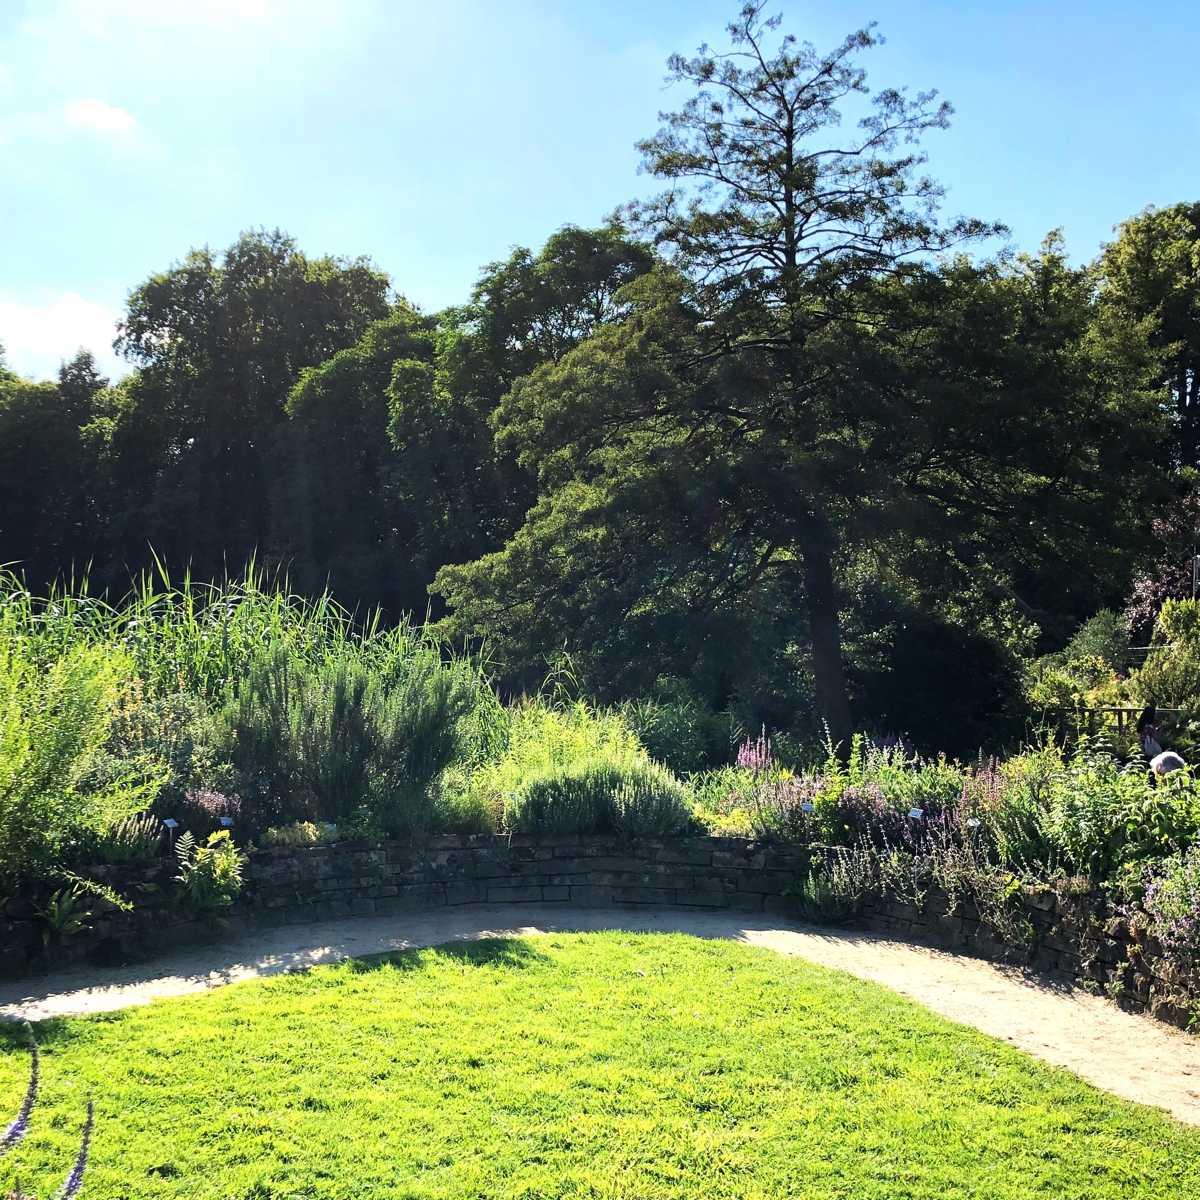 Gärten mit Gehölzen gestalten [GTD Foto]